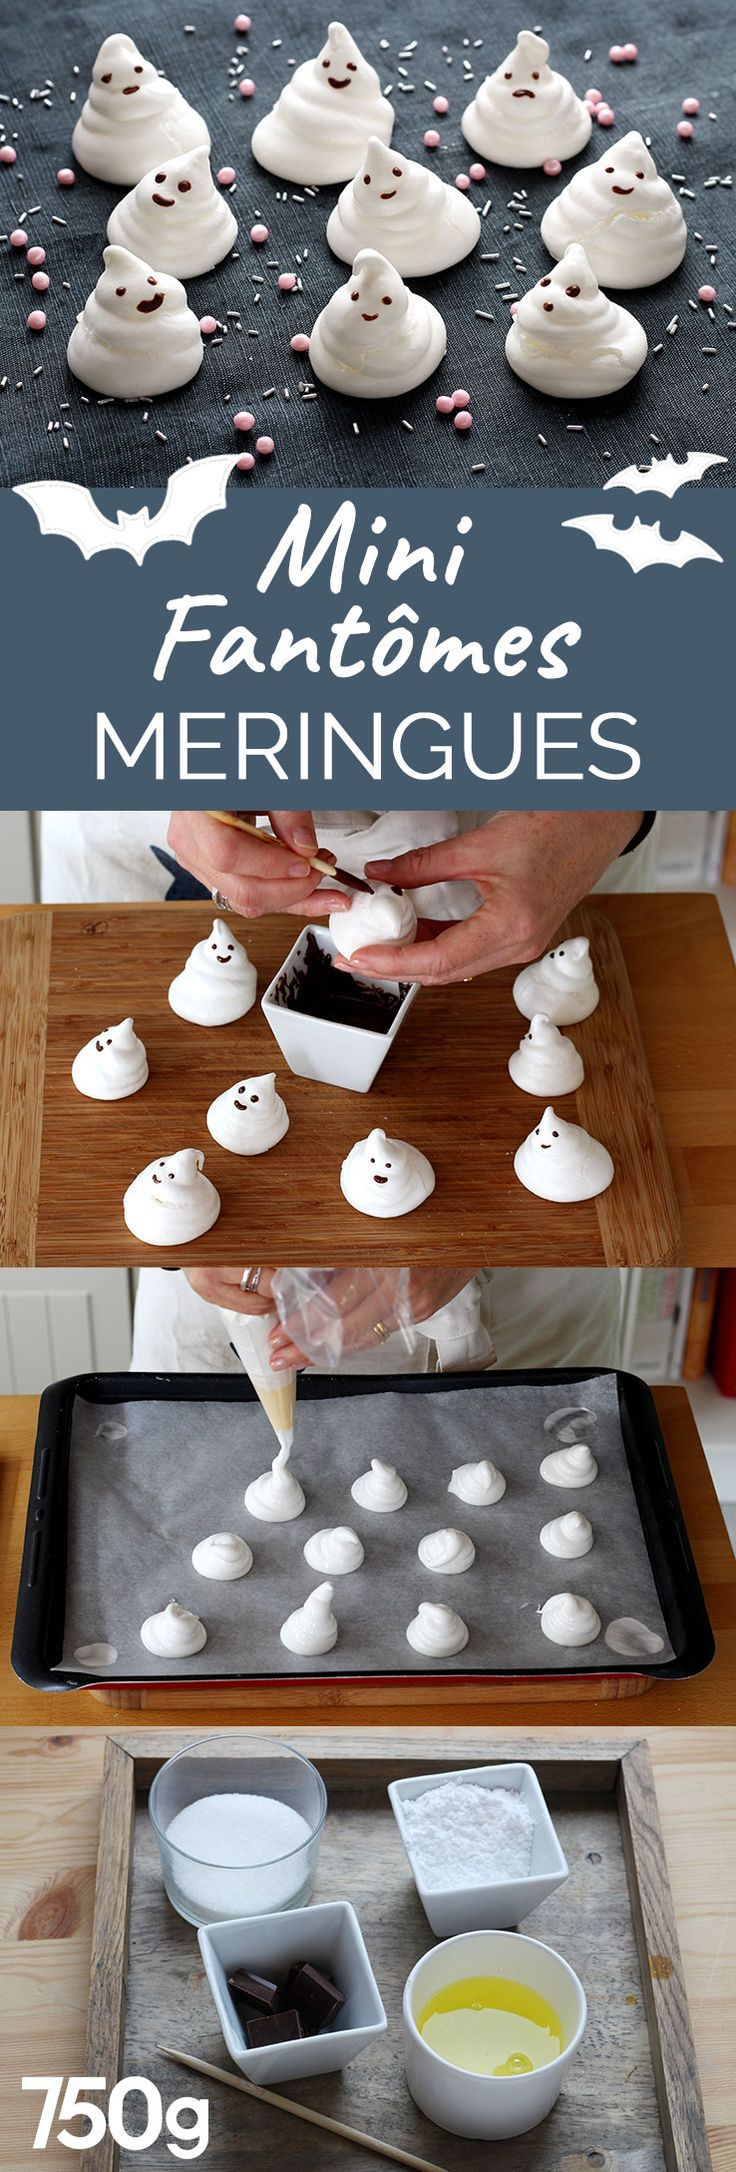 Des meringues décorées avec du chocolat fondu. Les enfants vont les adorer pour leur goûter d'Halloween.